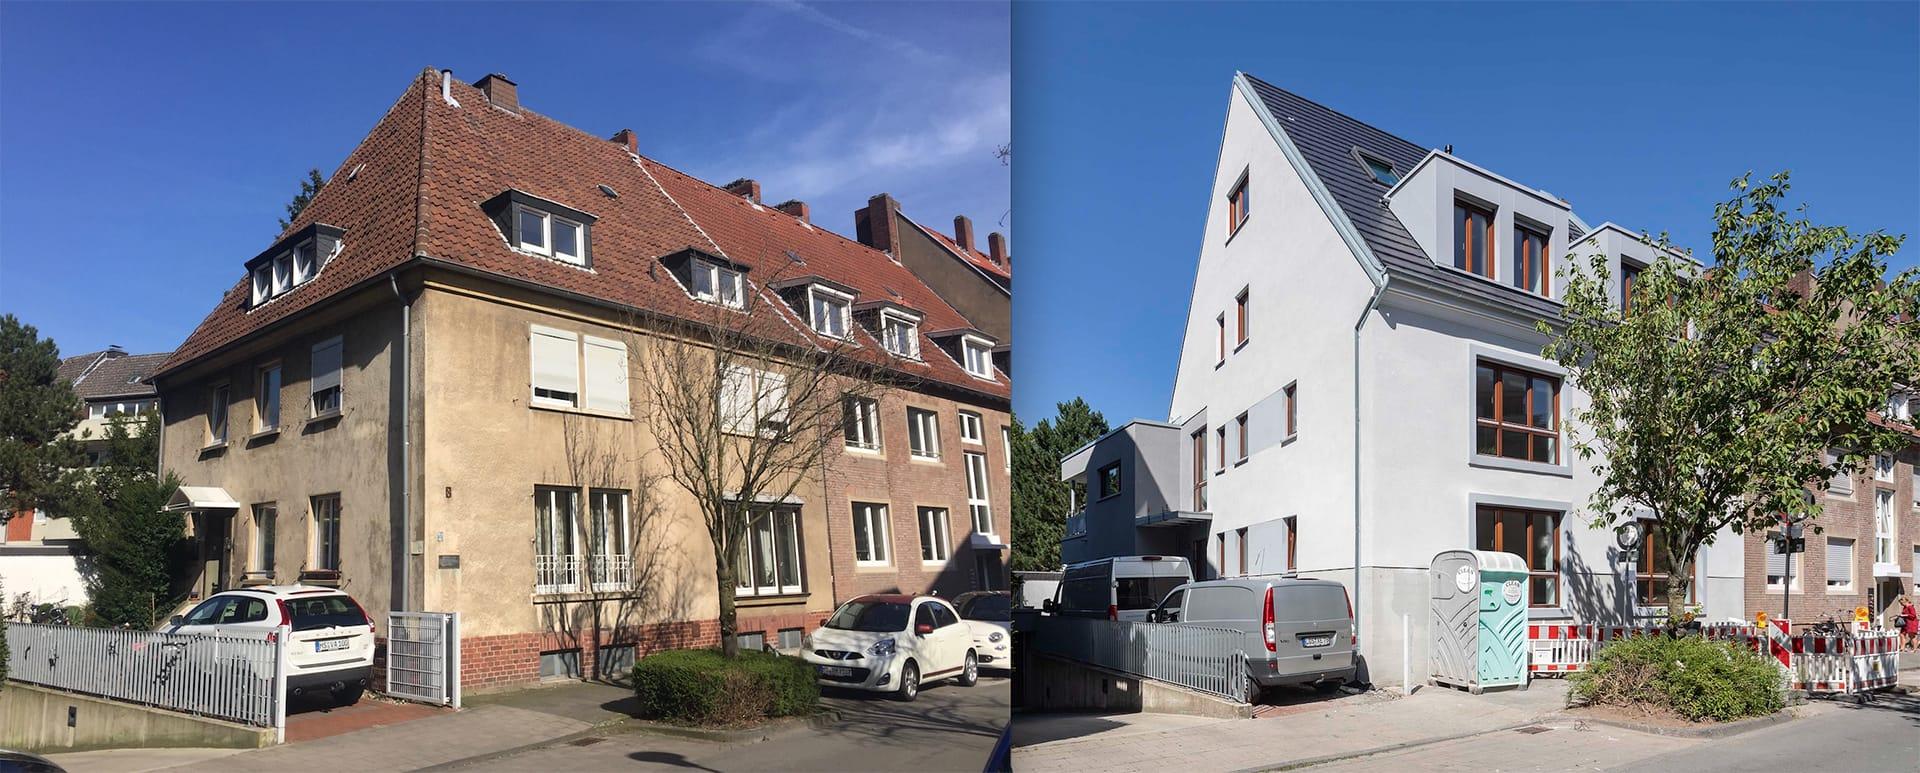 Baumaßnahme RvL8 – Kernsanierung eines 50iger Jahre Mehrfamilienhauses in Münsters Kreuzviertel